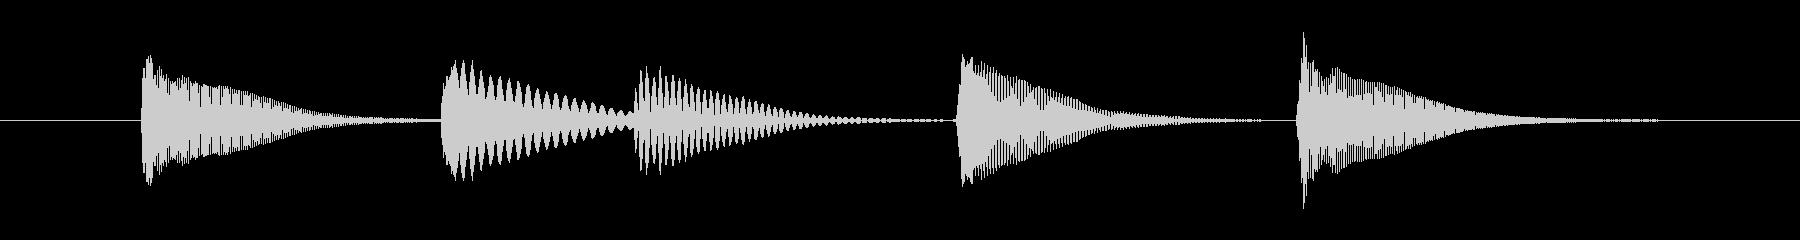 可愛いマリンバの音シリーズの未再生の波形